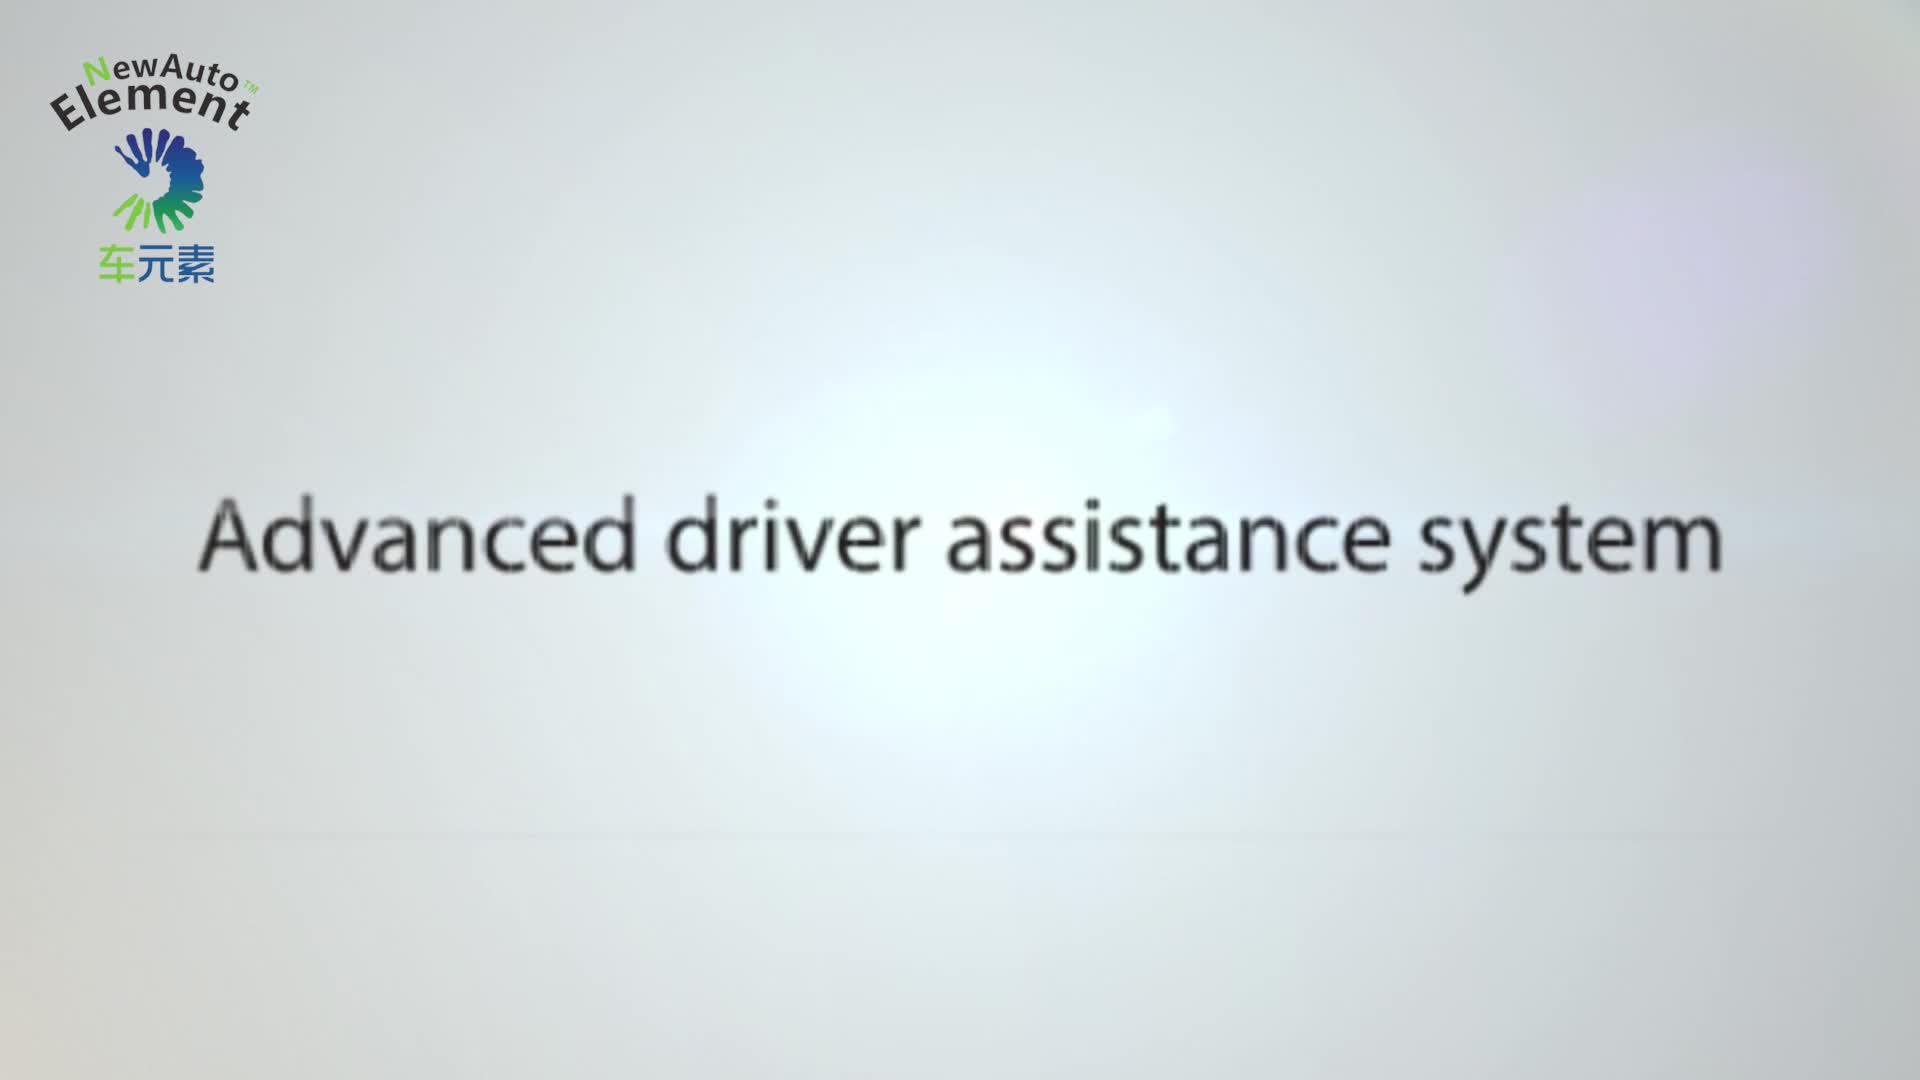 Adas Erweiterte Fahrer Unterstützung Systeme Mit Geschwindigkeit Warnung Anzeige + lane Departure Warning + gps + dvr Funktion